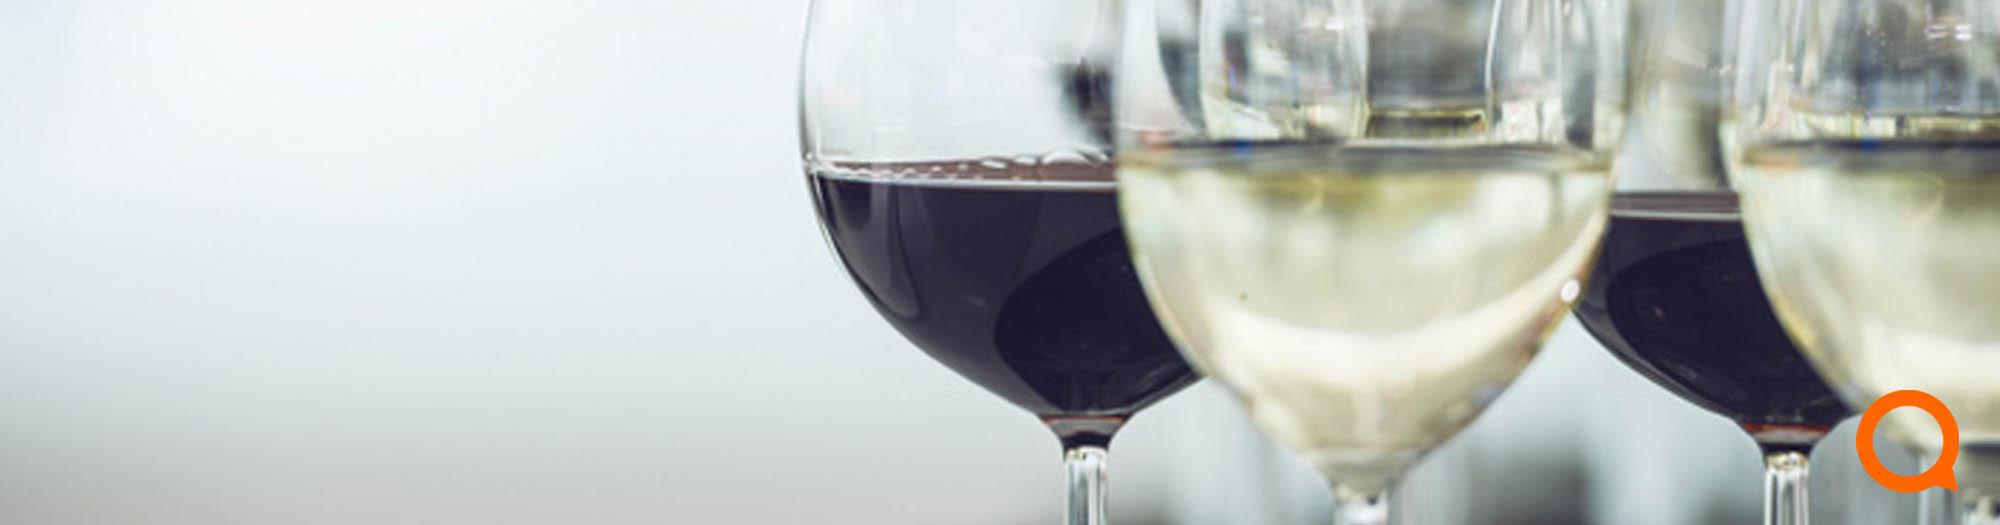 Wijn proefdozen